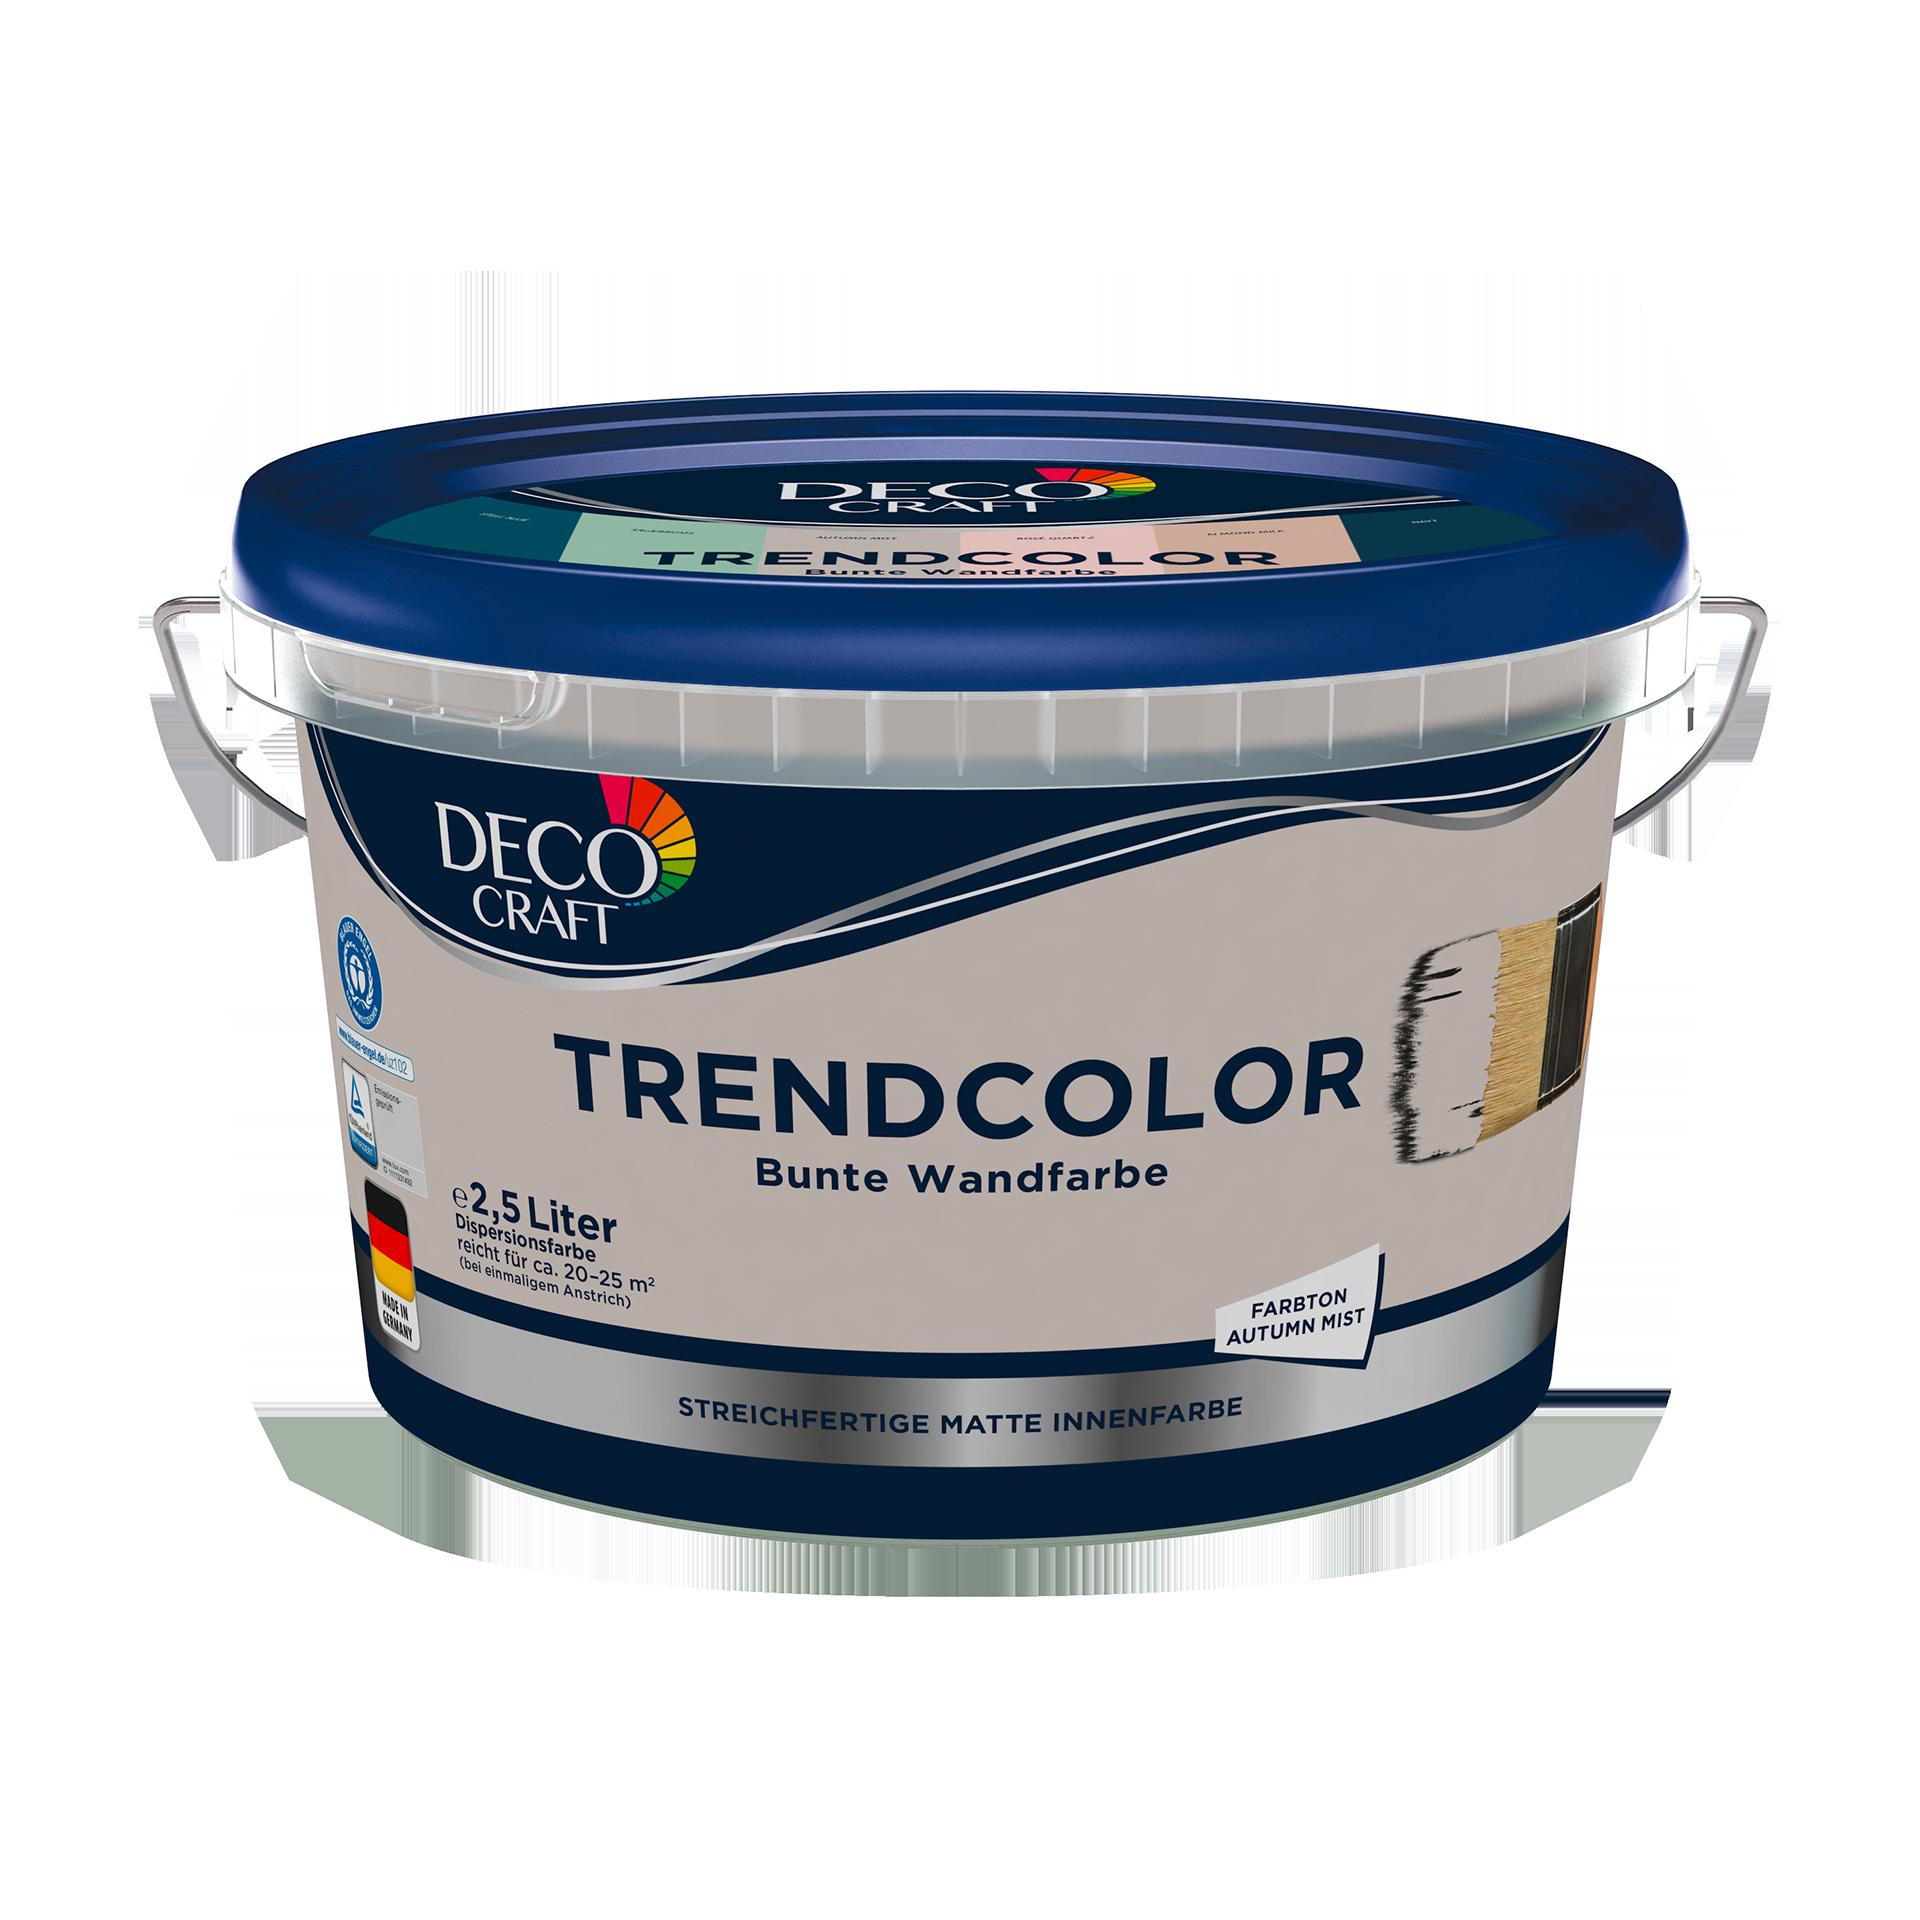 Deco Craft Trendcolor Gunstig Bei Aldi Nord